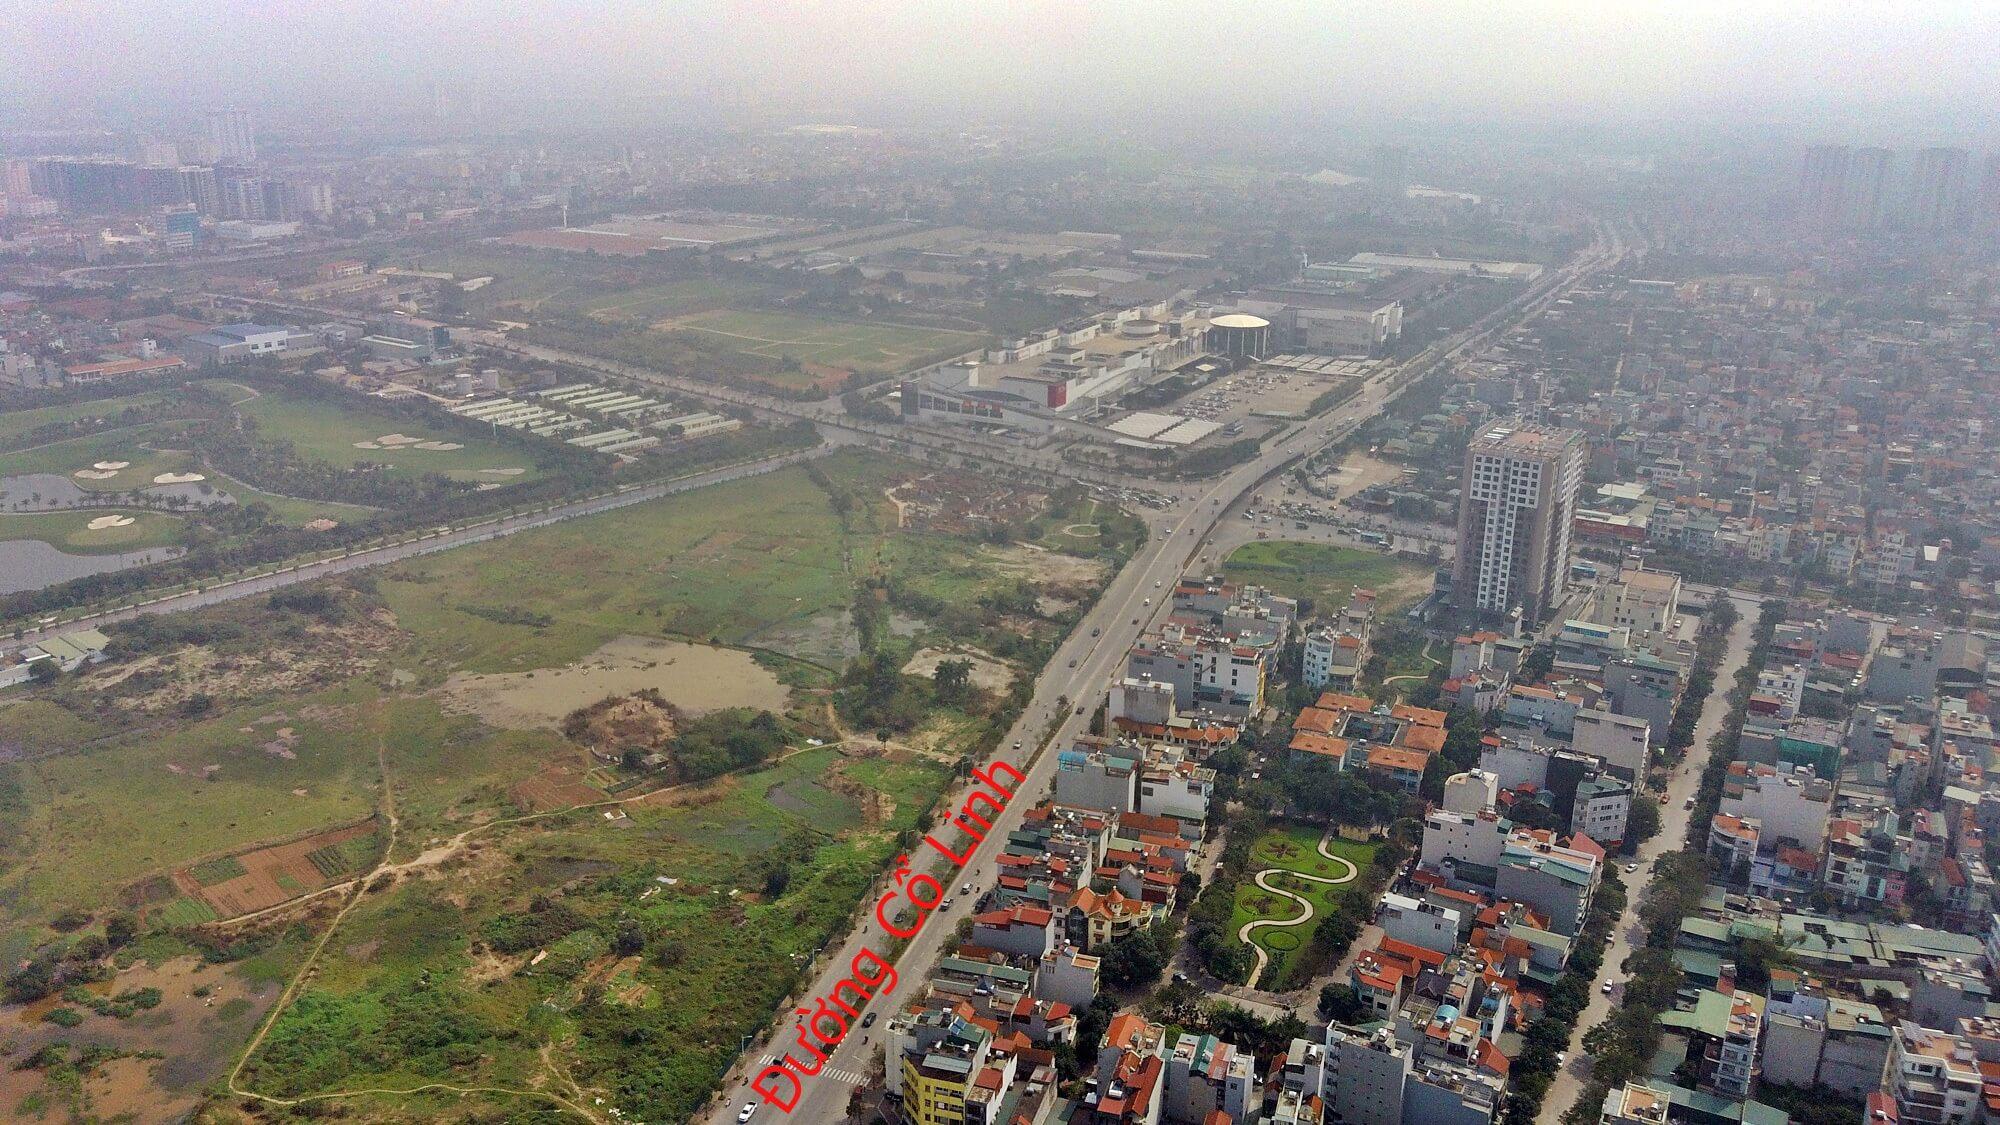 Lộ trình đường Cổ Linh, rẽ phải đi cầu Vĩnh Tuy, rẽ trái qua quốc lộ 5.